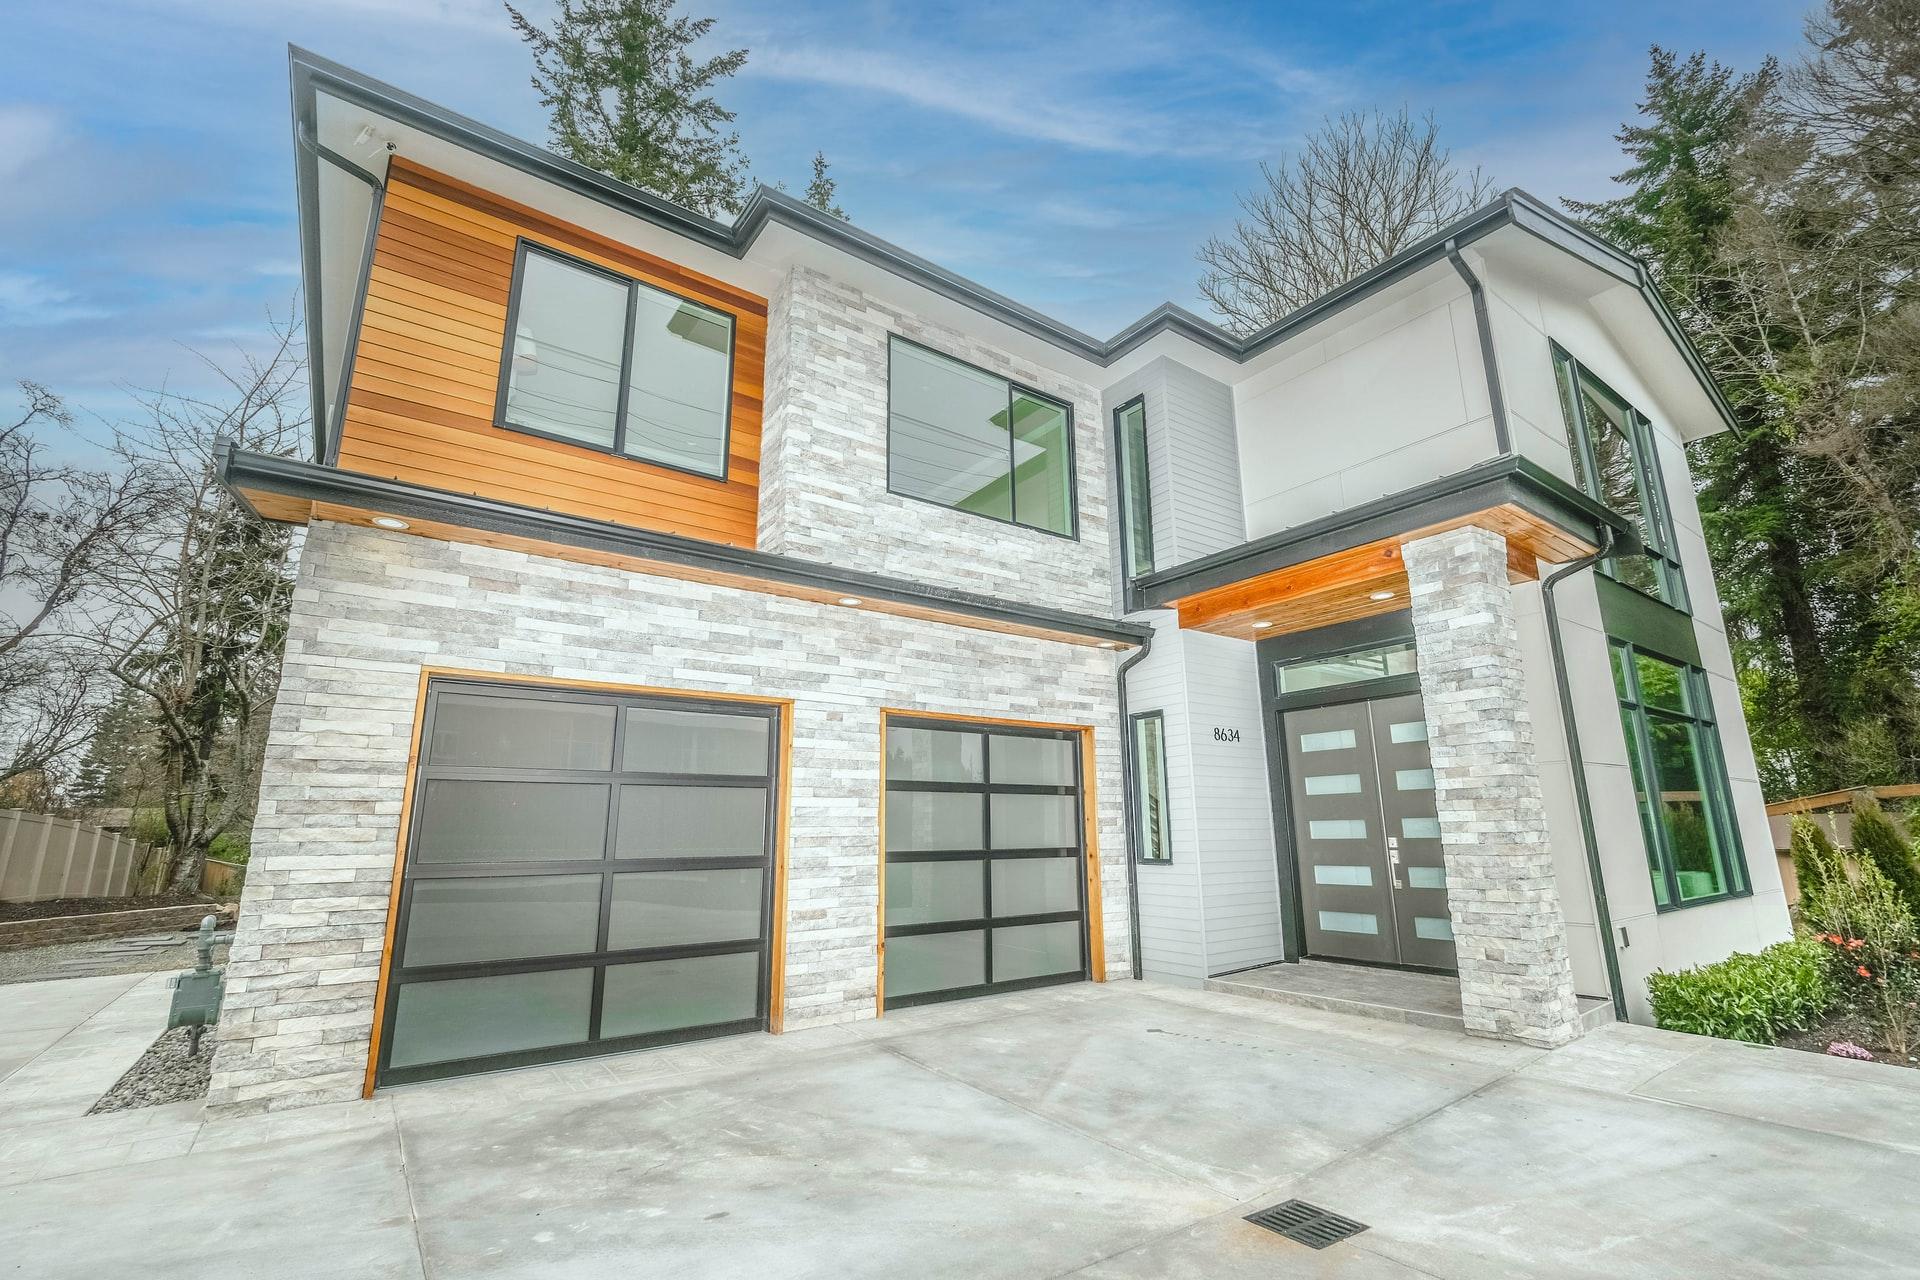 Home Remodeling 3D Rendering Header Image